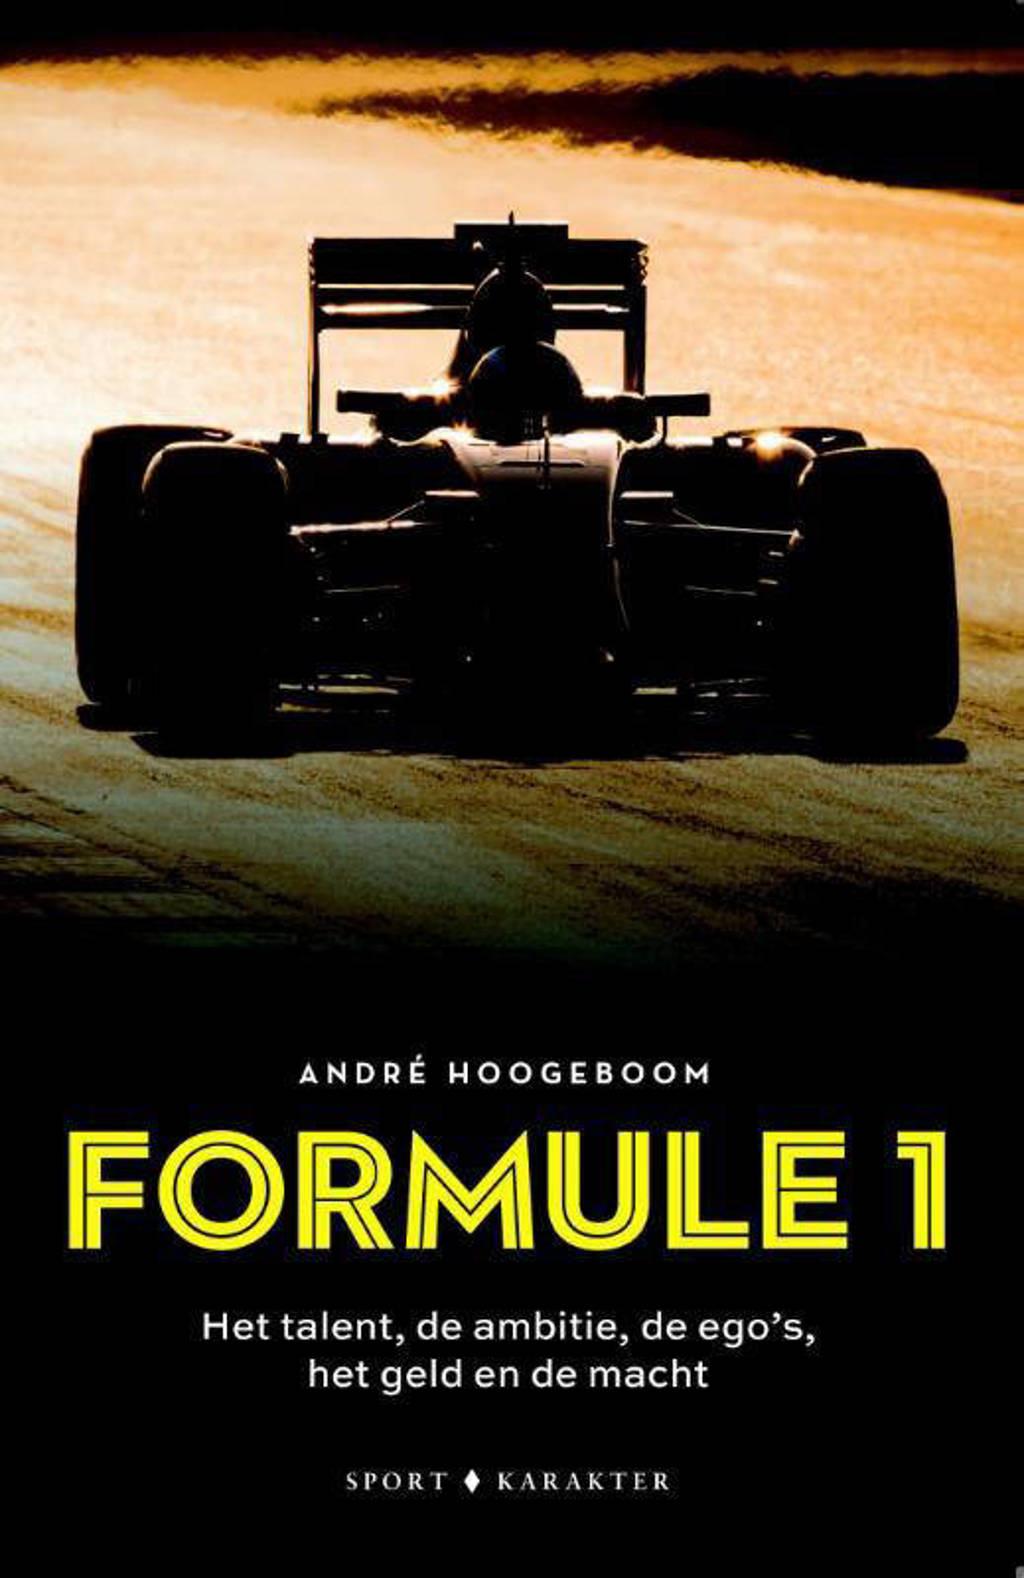 Formule 1: Het talent, de ambitie, de ego's het geld en de macht - André Hoogeboom